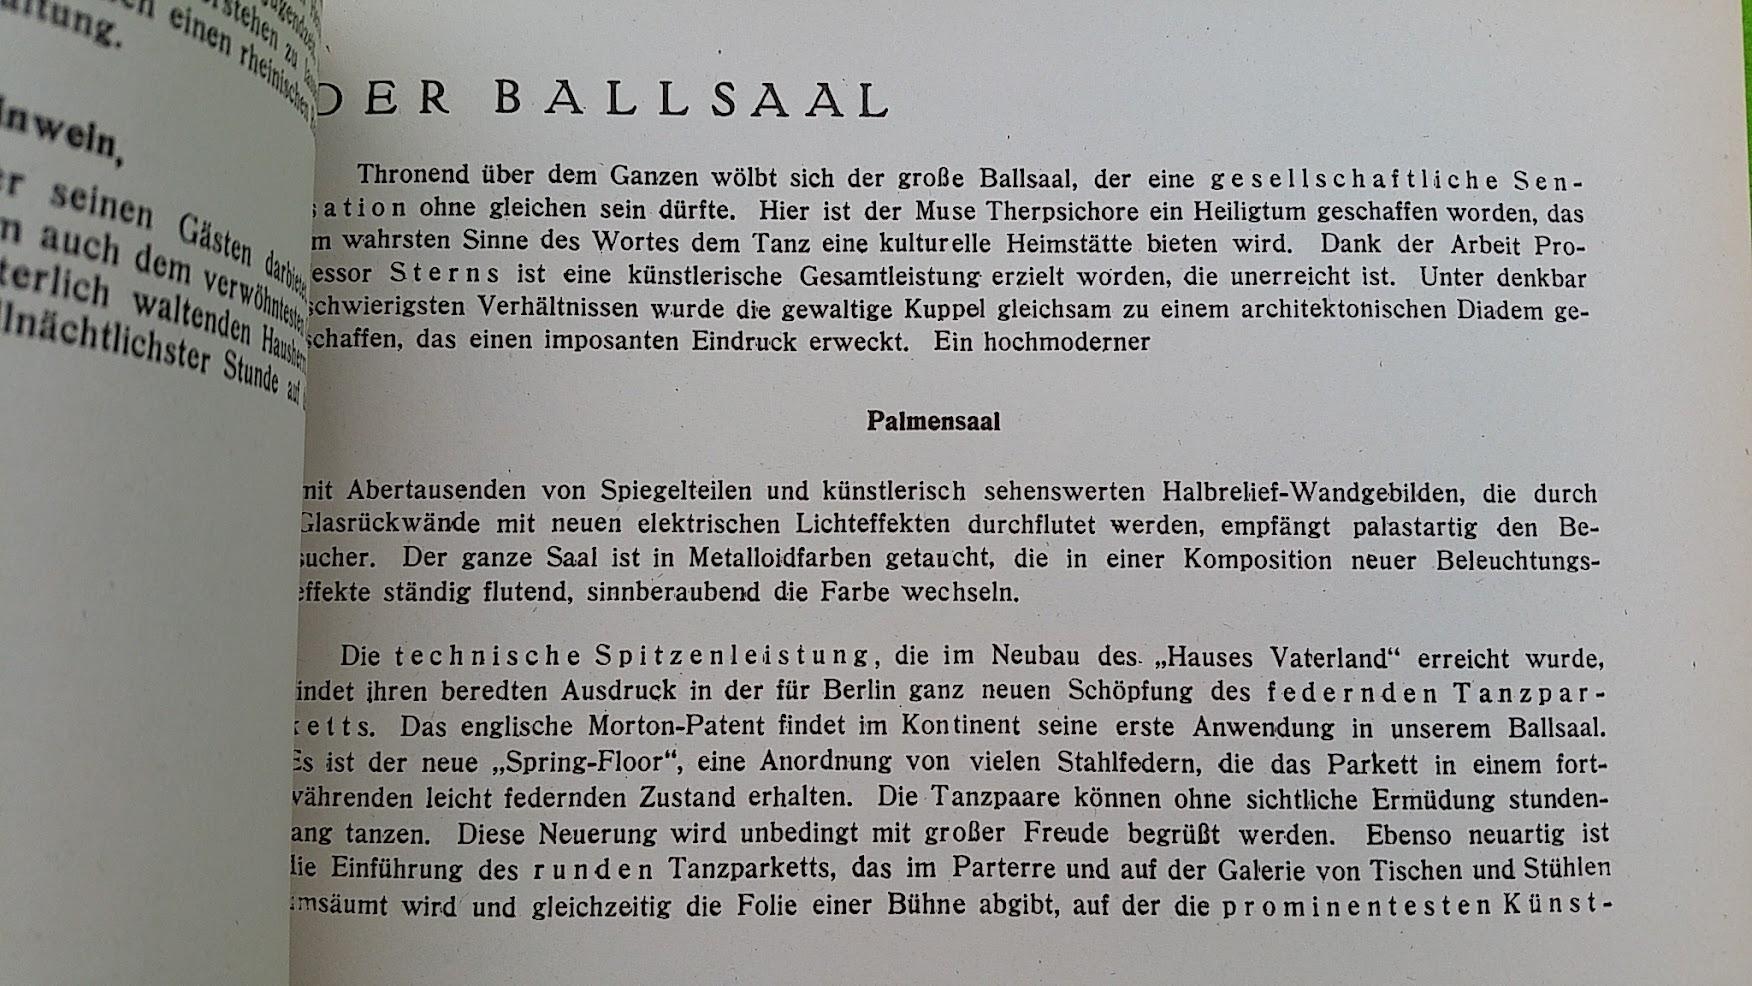 Begleitheft zur Eröffnung von Haus Vaterland am Potsdamer Platz, Berlin, 31. August 1928 - Palmensaal